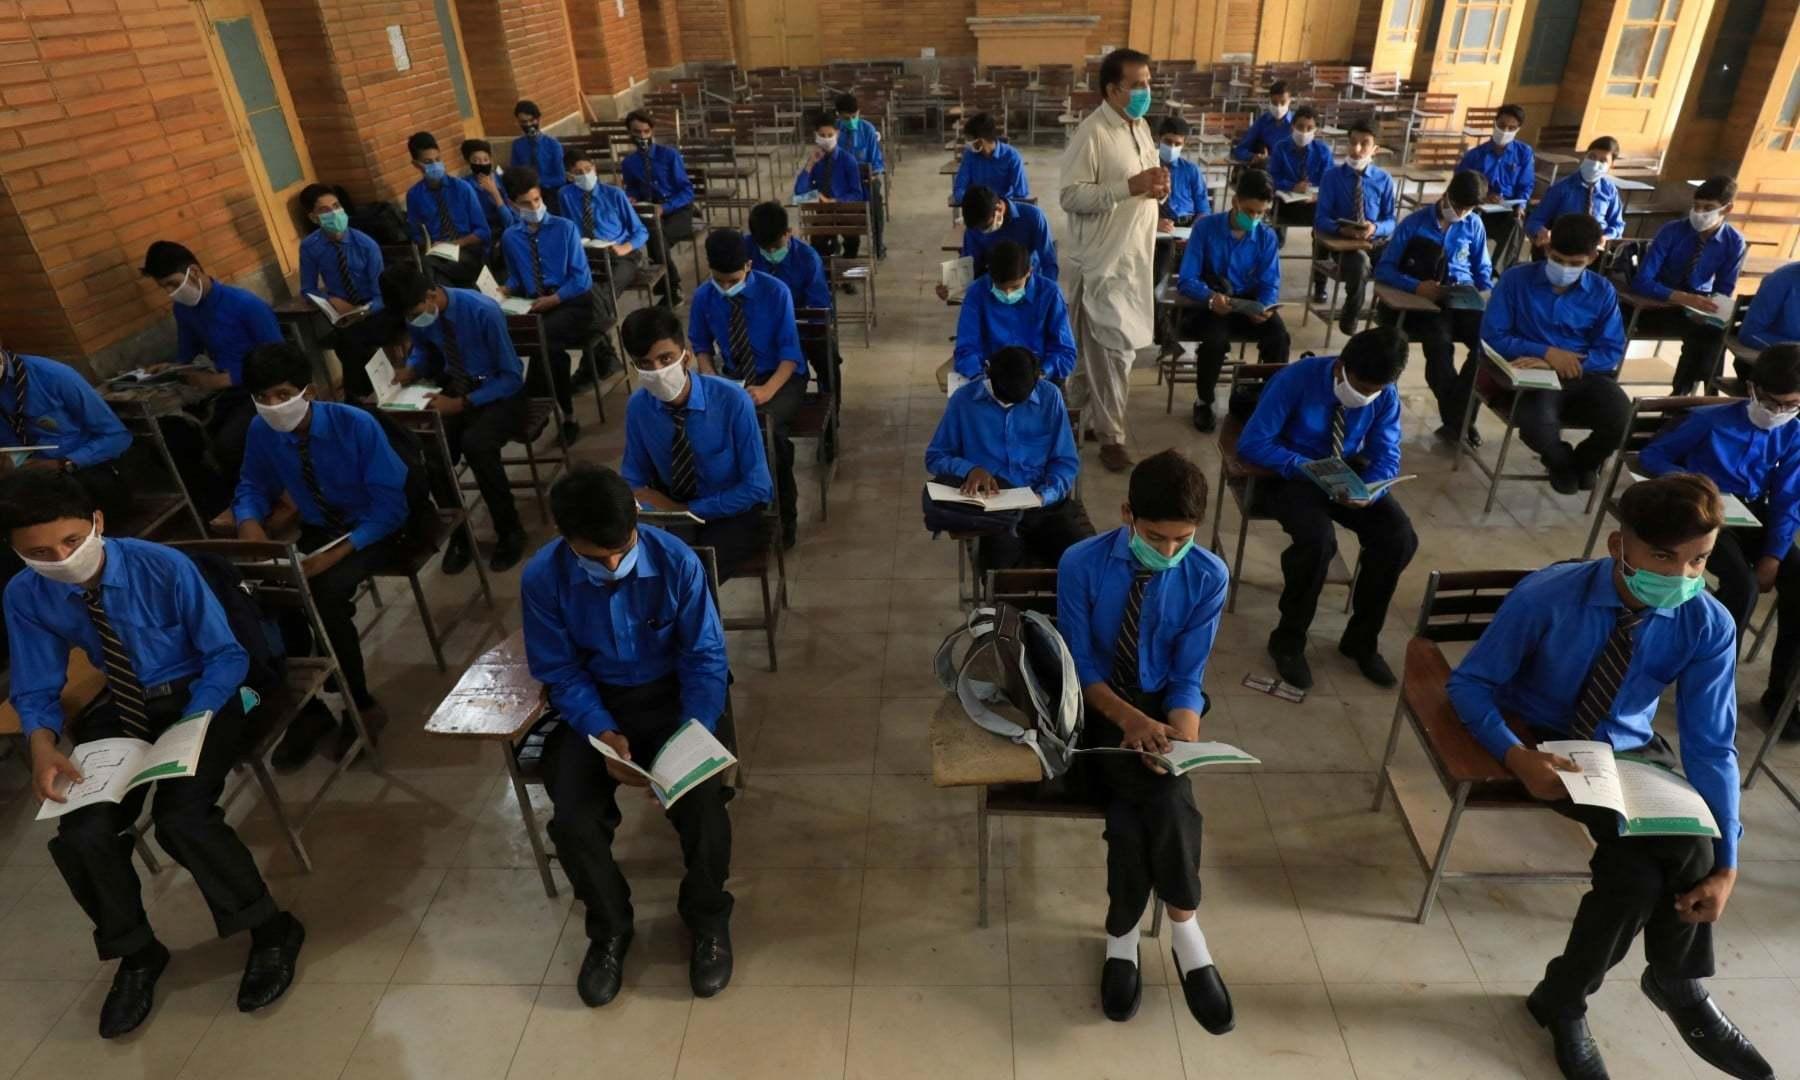 سندھ: اختیاری مضامین میں فیل ہونے والے طالبعلم کو پاسنگ مارکس دینے کا فیصلہ